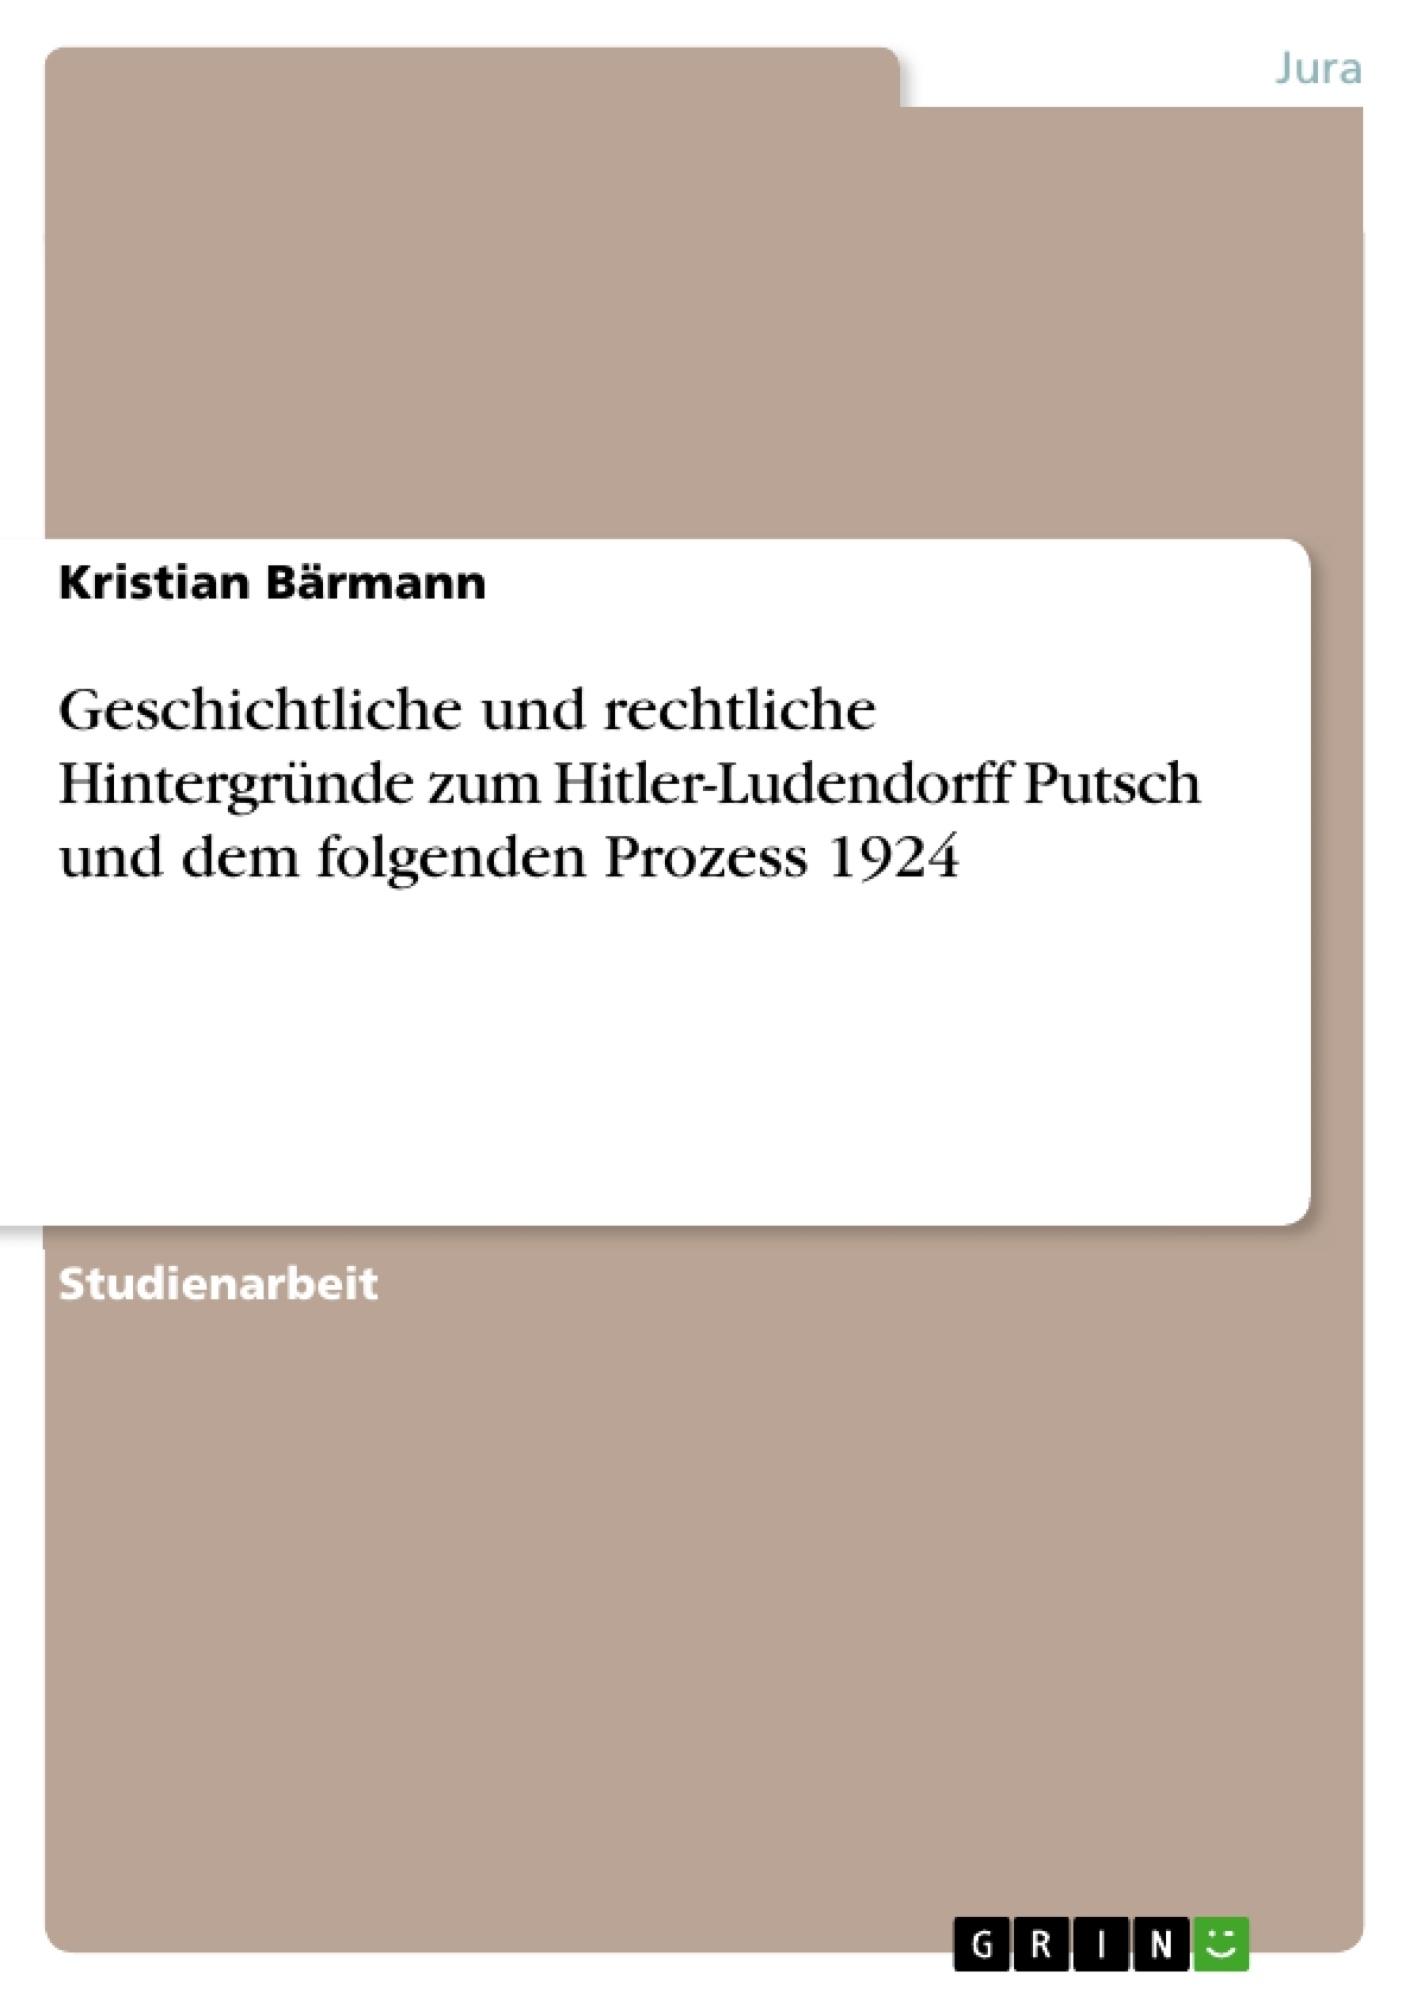 Titel: Geschichtliche und rechtliche Hintergründe zum Hitler-Ludendorff Putsch und dem folgenden Prozess 1924